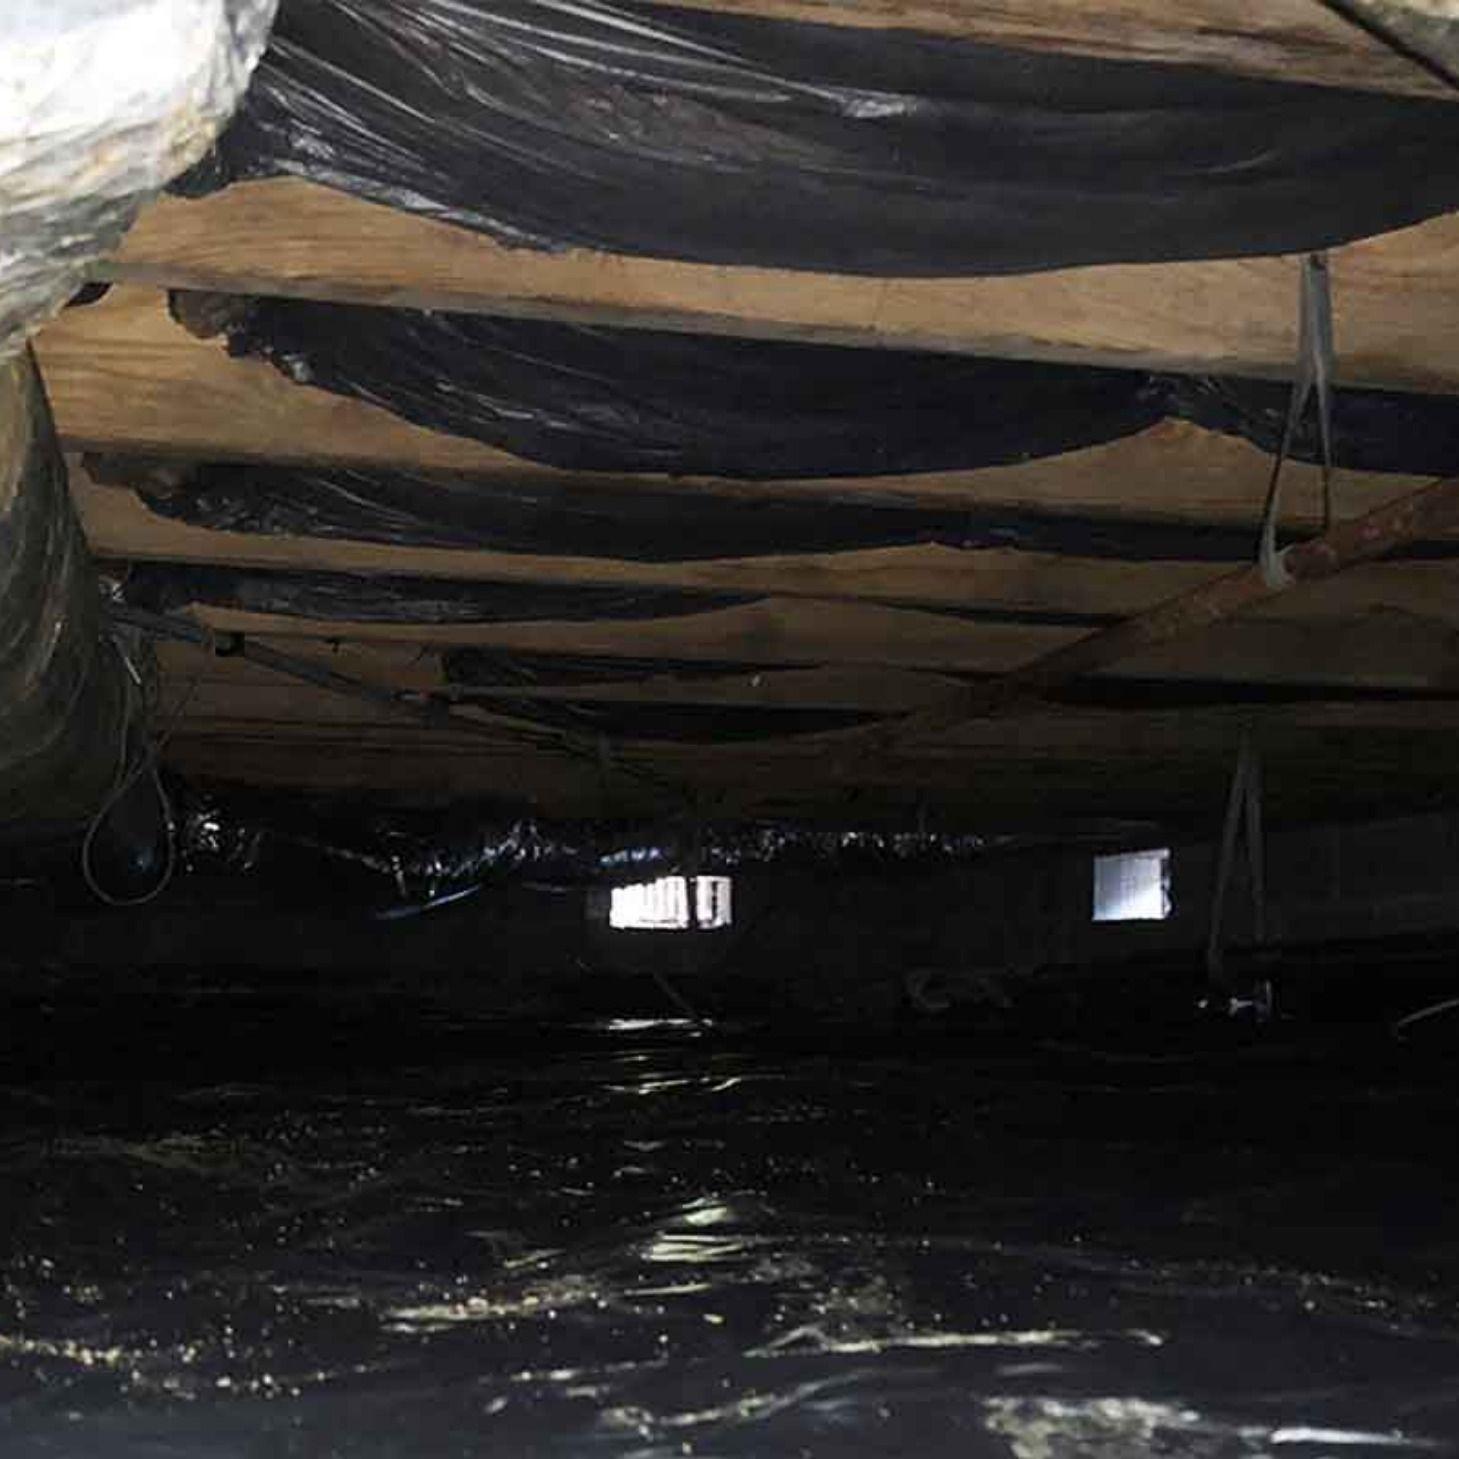 Crawl space insulation in hampton roads virginia crawl